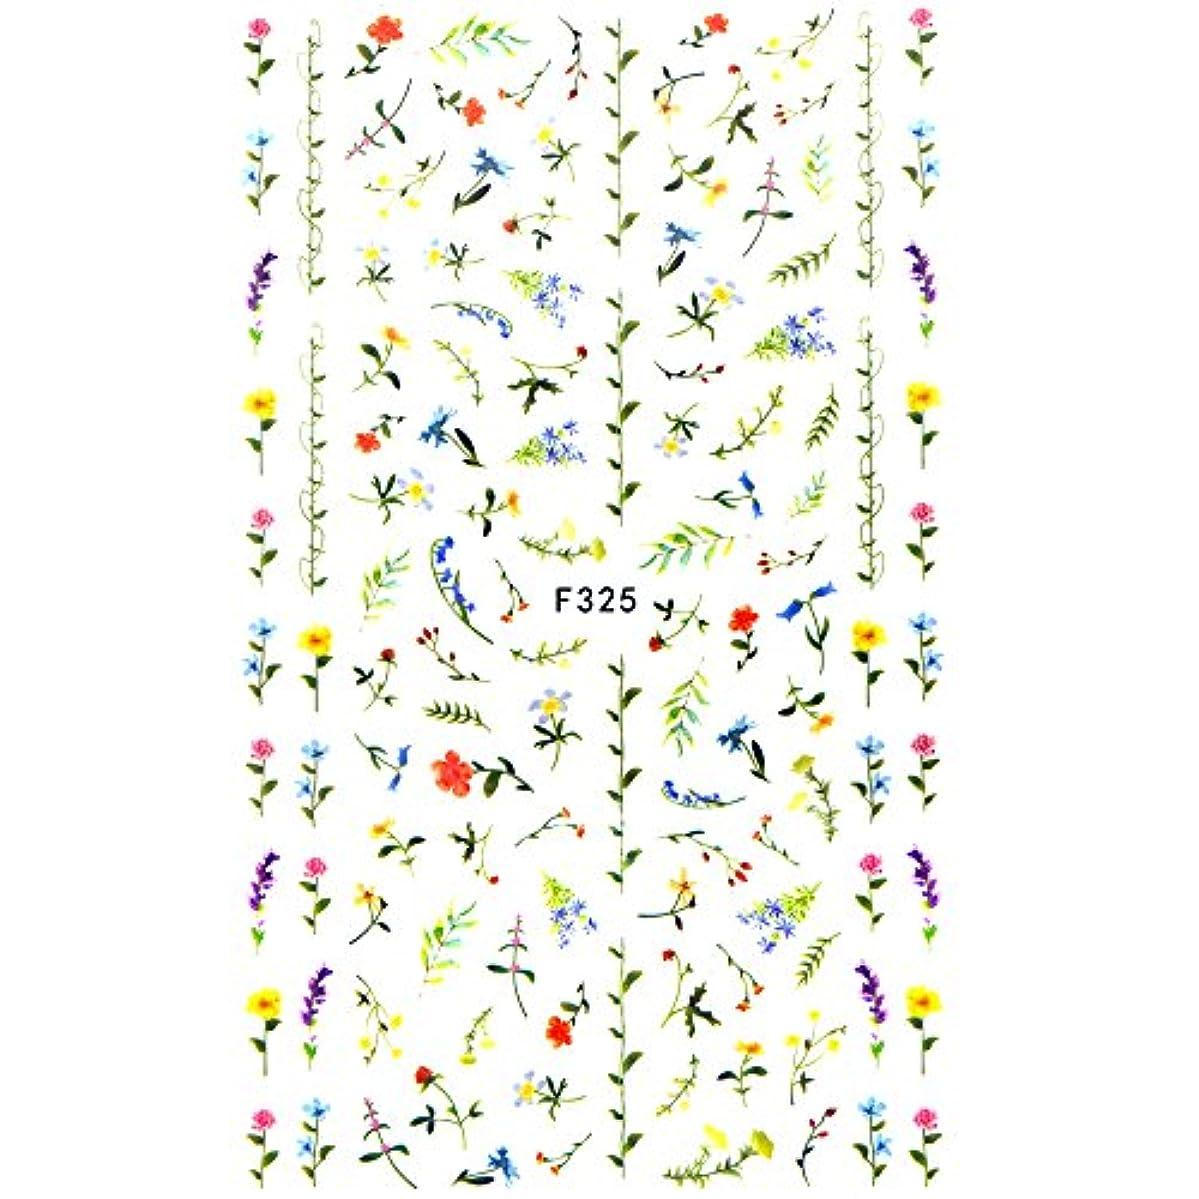 摘む矢じりキャプテン【F325】 一輪花シール 花 フラワー ボタニカル 一輪花 花 花束 花畑 ネイルシール